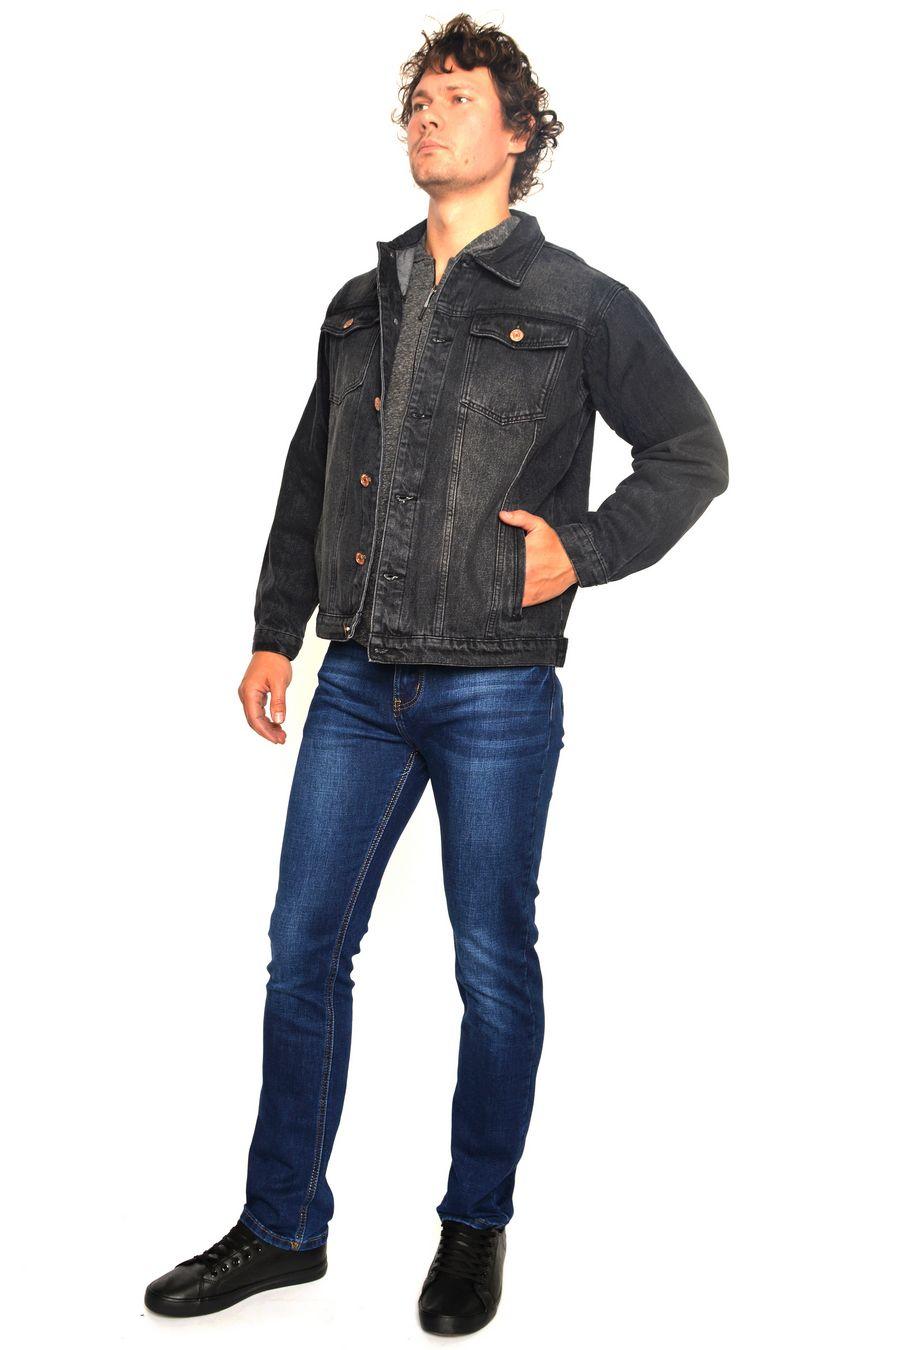 Пиджак мужской (джинсовка) Arnold 5709B - фото 2